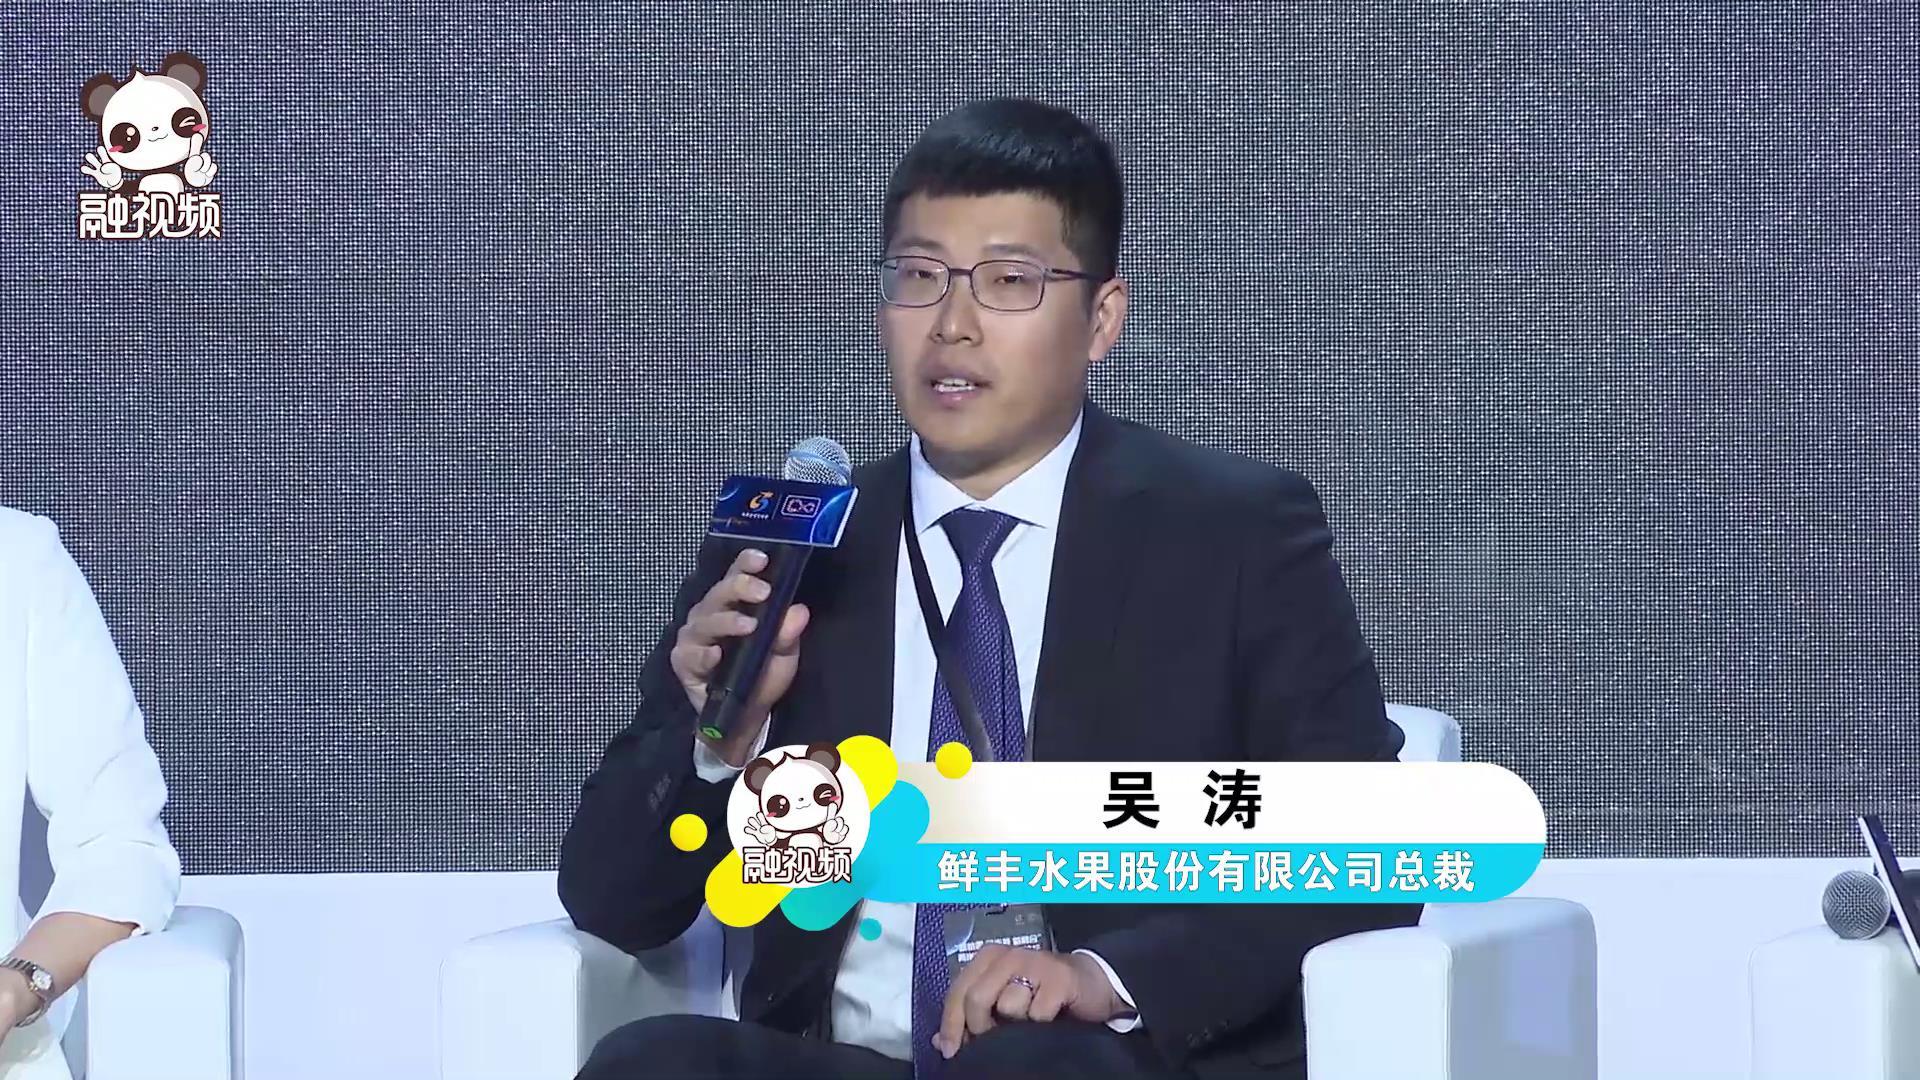 鲜丰水果股份有限公司总裁吴涛发言图片